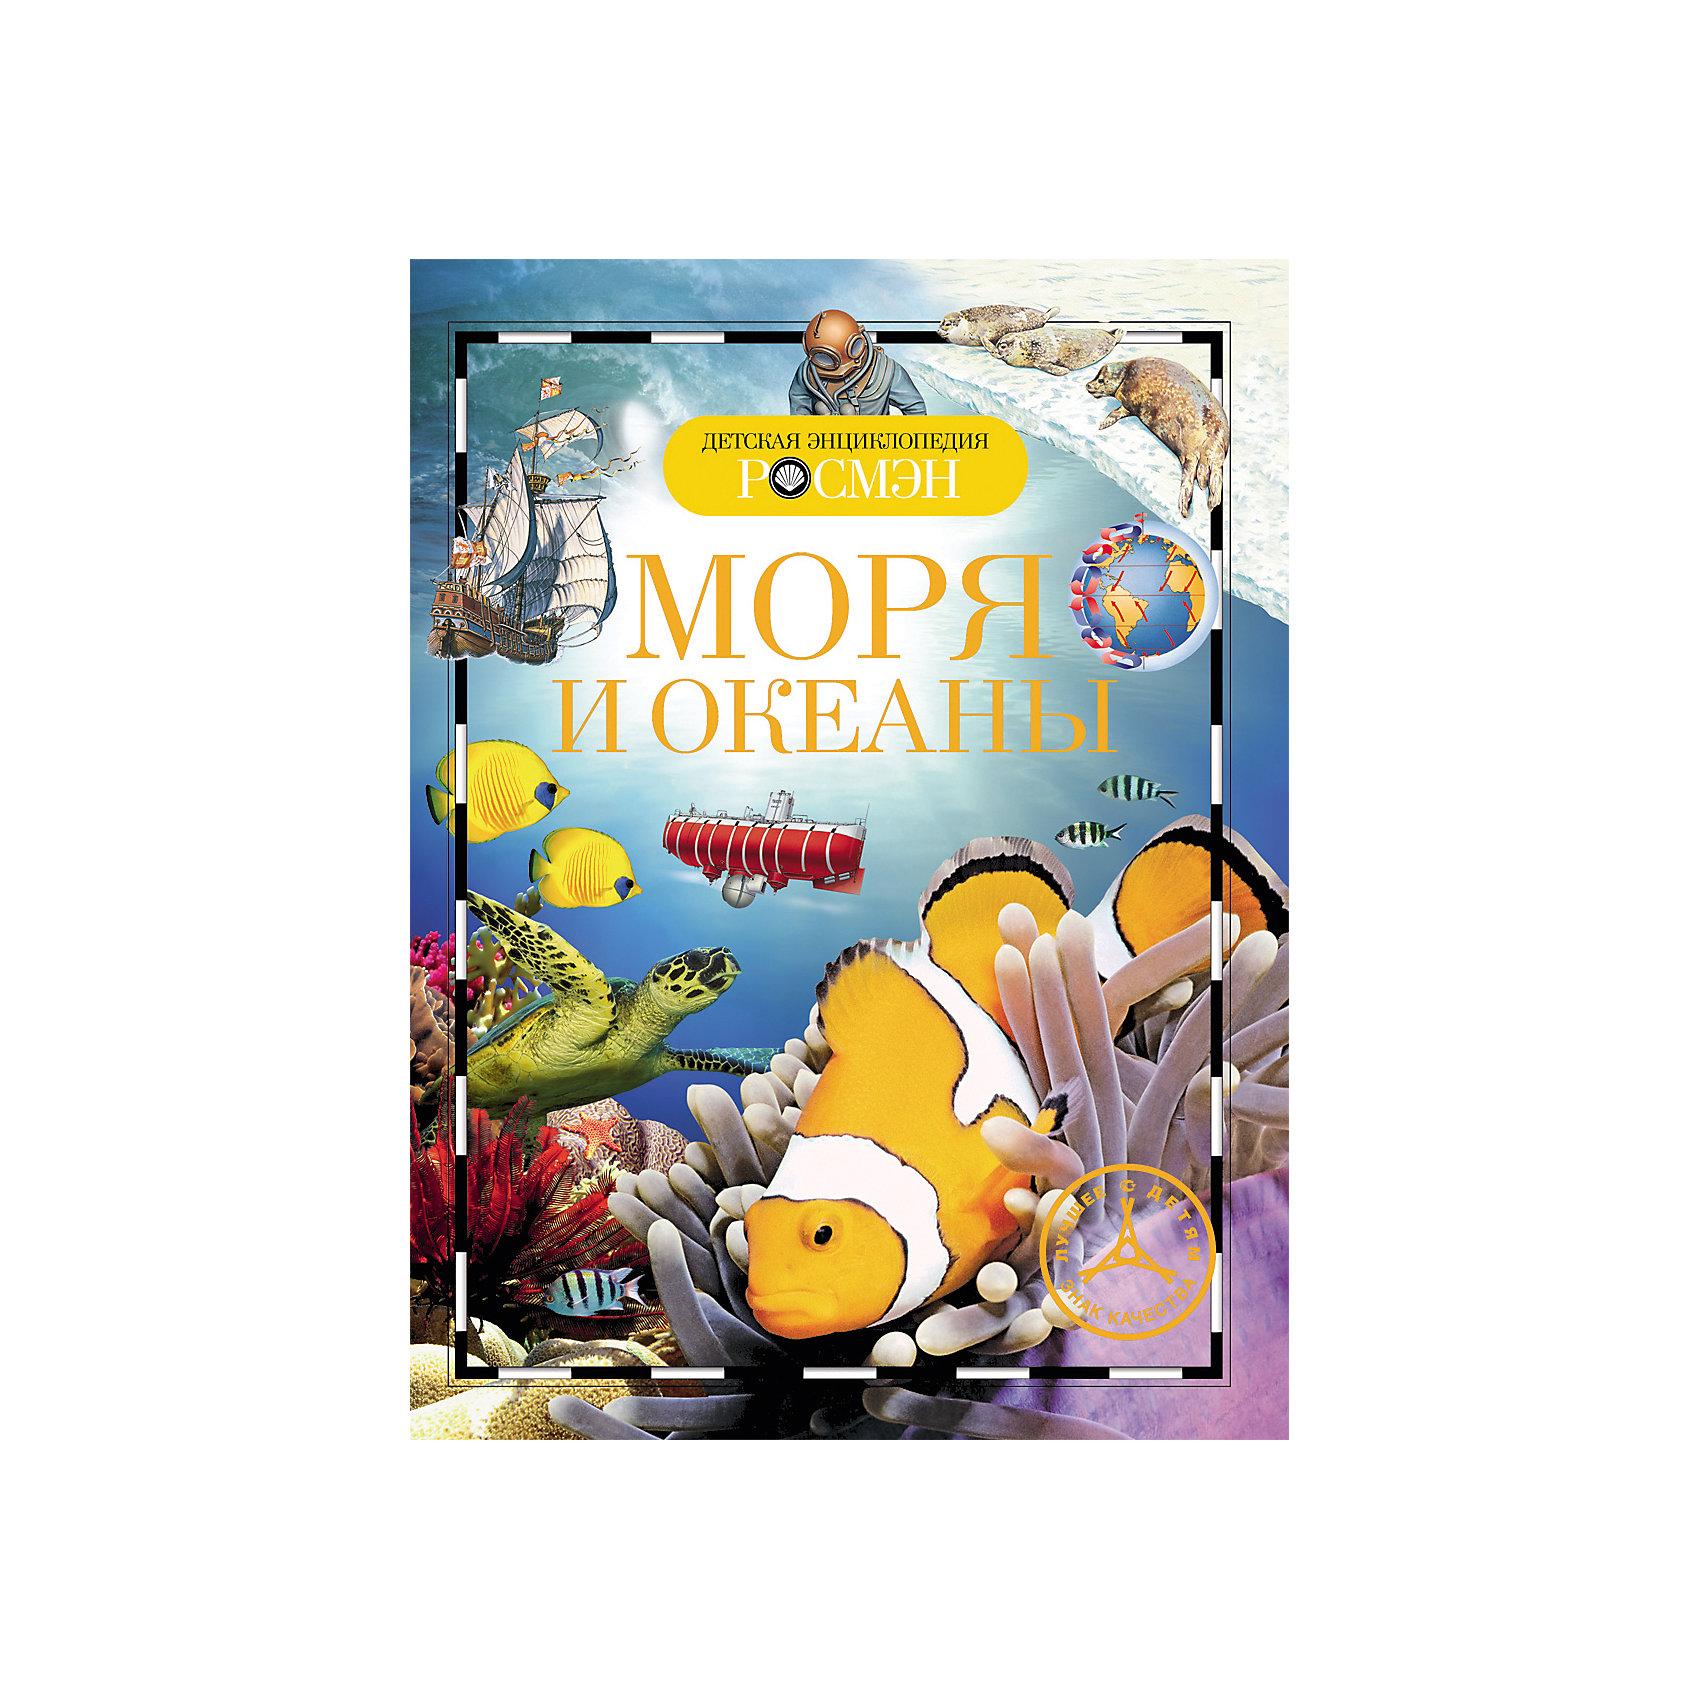 Моря и океаныЭнциклопедии для школьников<br>Характеристики товара:<br><br>- цвет: разноцветный;<br>- материал: бумага;<br>- страниц: 96;<br>- формат: 17 x 21 см;<br>- обложка: твердая;<br>- цветные иллюстрации.<br><br>Эта интересная книга с иллюстрациями станет отличным подарком для ребенка. Она содержит в себе ответы на вопросы, которые интересуют малышей. Всё представлено в очень простой форме! Талантливый иллюстратор дополнил книгу качественными рисунками, которые помогают ребенку понять суть многих вещей в нашем мире. Удивительные и интересные факты помогут привить любовь к учебе!<br>Чтение - отличный способ активизации мышления, оно помогает ребенку развивать зрительную память, концентрацию внимания и воображение. Издание произведено из качественных материалов, которые безопасны даже для самых маленьких.<br><br>Книгу Моря и океаны от компании Росмэн можно купить в нашем интернет-магазине.<br><br>Ширина мм: 220<br>Глубина мм: 170<br>Высота мм: 10<br>Вес г: 234<br>Возраст от месяцев: 84<br>Возраст до месяцев: 108<br>Пол: Унисекс<br>Возраст: Детский<br>SKU: 5109982